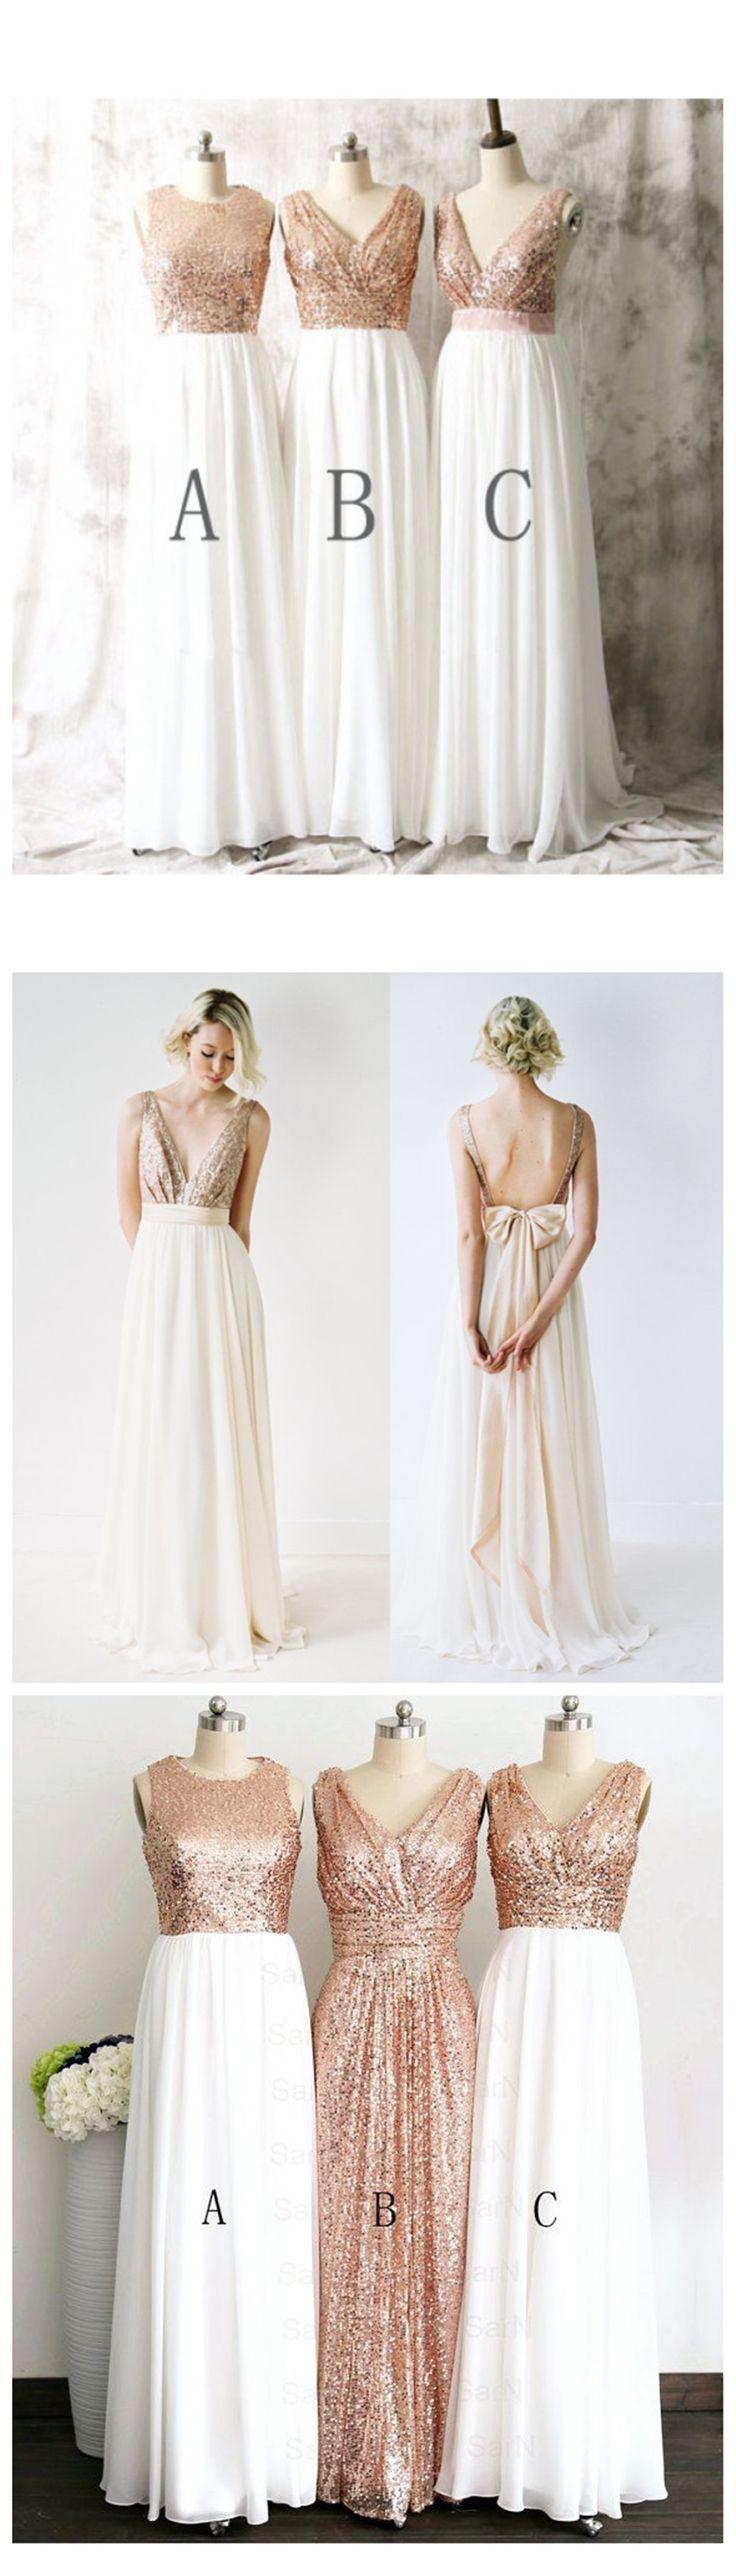 Rose gold bridesmaid dresses, Sequin bridesmaid dresses, long bridesmaid dresses, chiffon bridesmaid dresses, Mismatched bridesmaid dresses, 17047